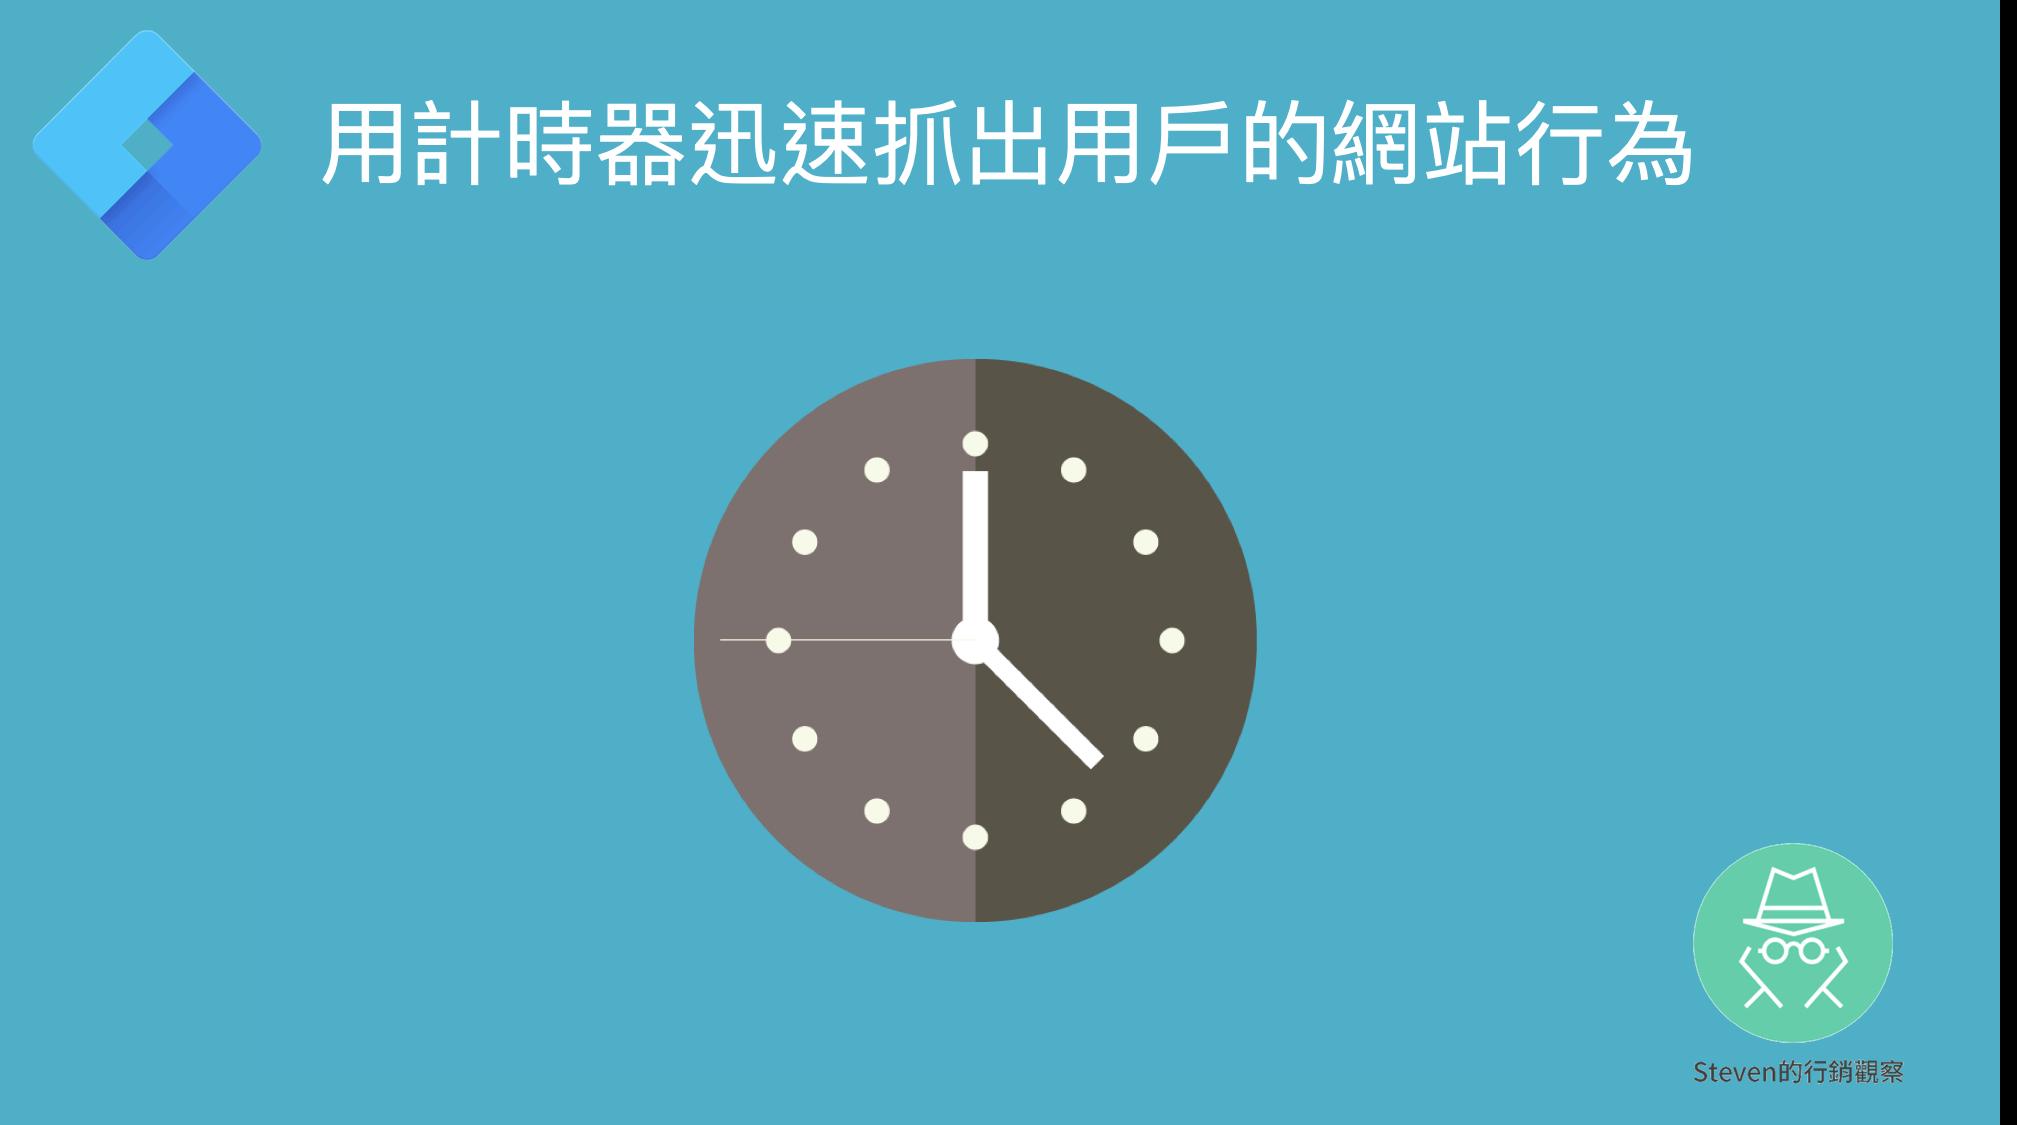 GTM教學(十六)-運用計時器掌握用戶行蹤